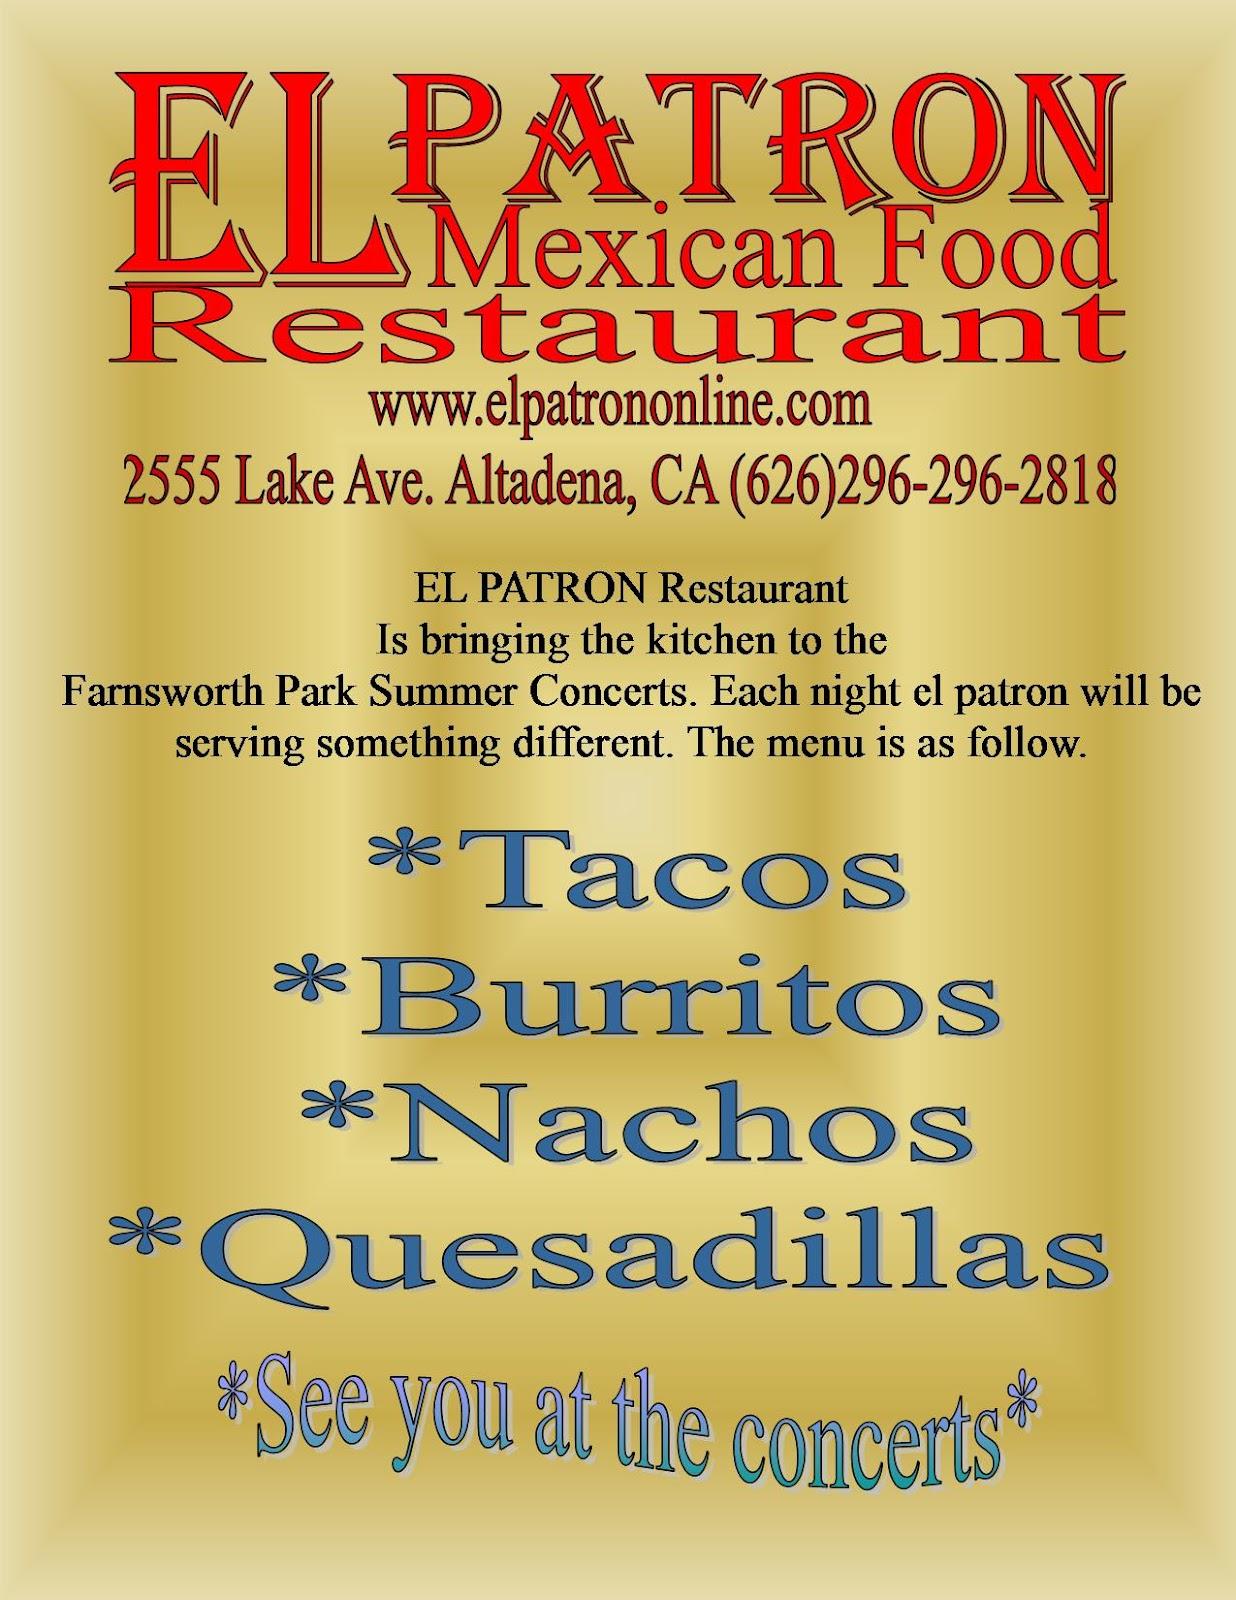 El Patron Mexican Restaurant Altadena